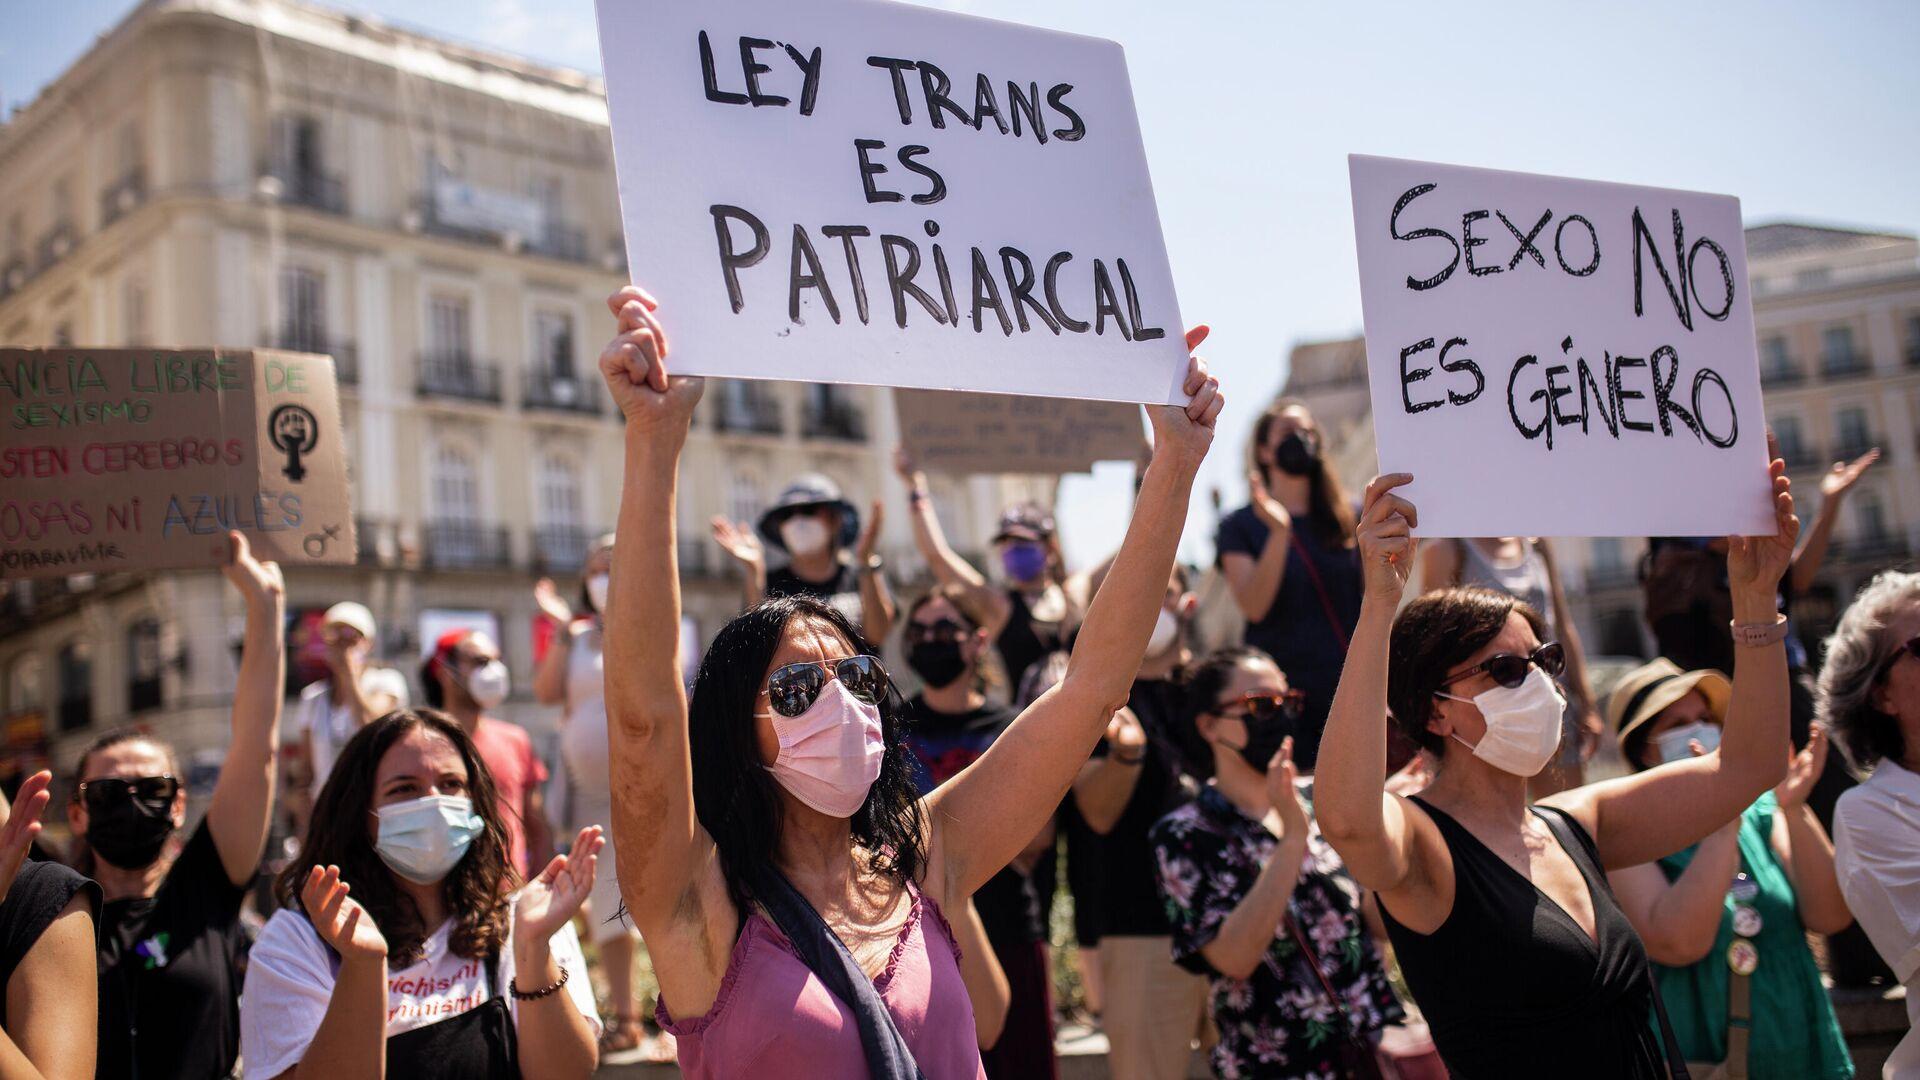 Mujeres concentradas durante una manifestación contra la ley trans (Madrid) - Sputnik Mundo, 1920, 30.06.2021